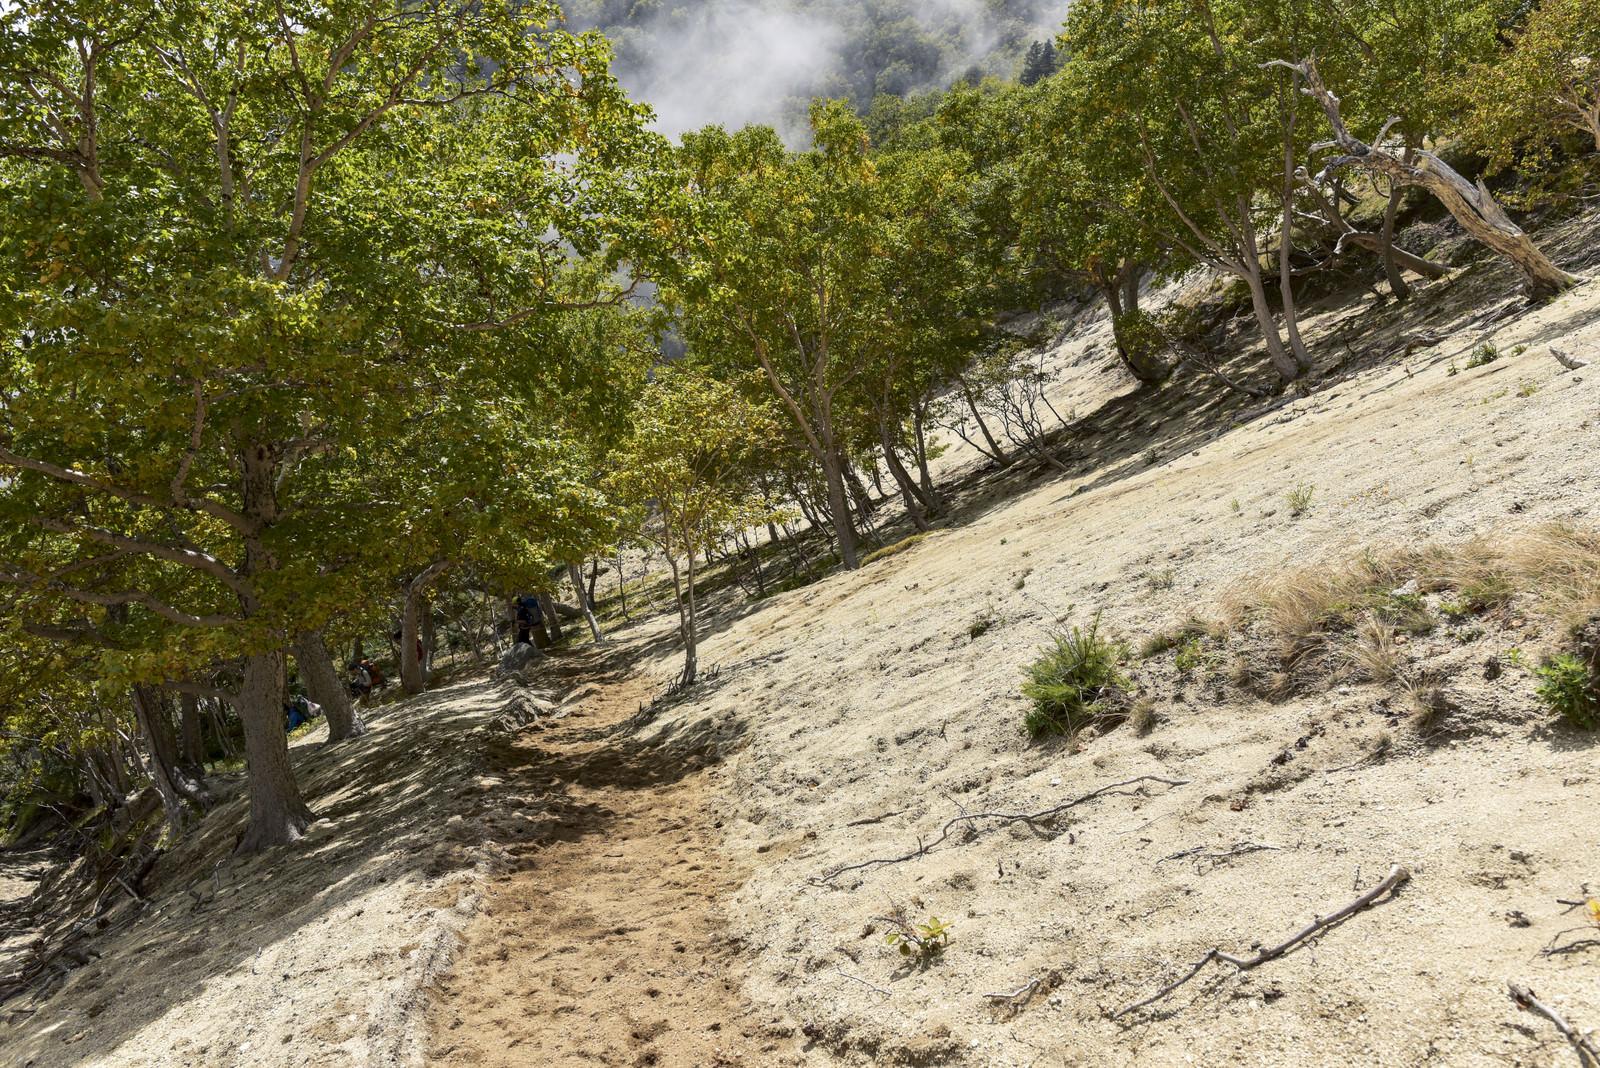 「白い砂地が広がる稜線の景色(鳳凰三山)」の写真